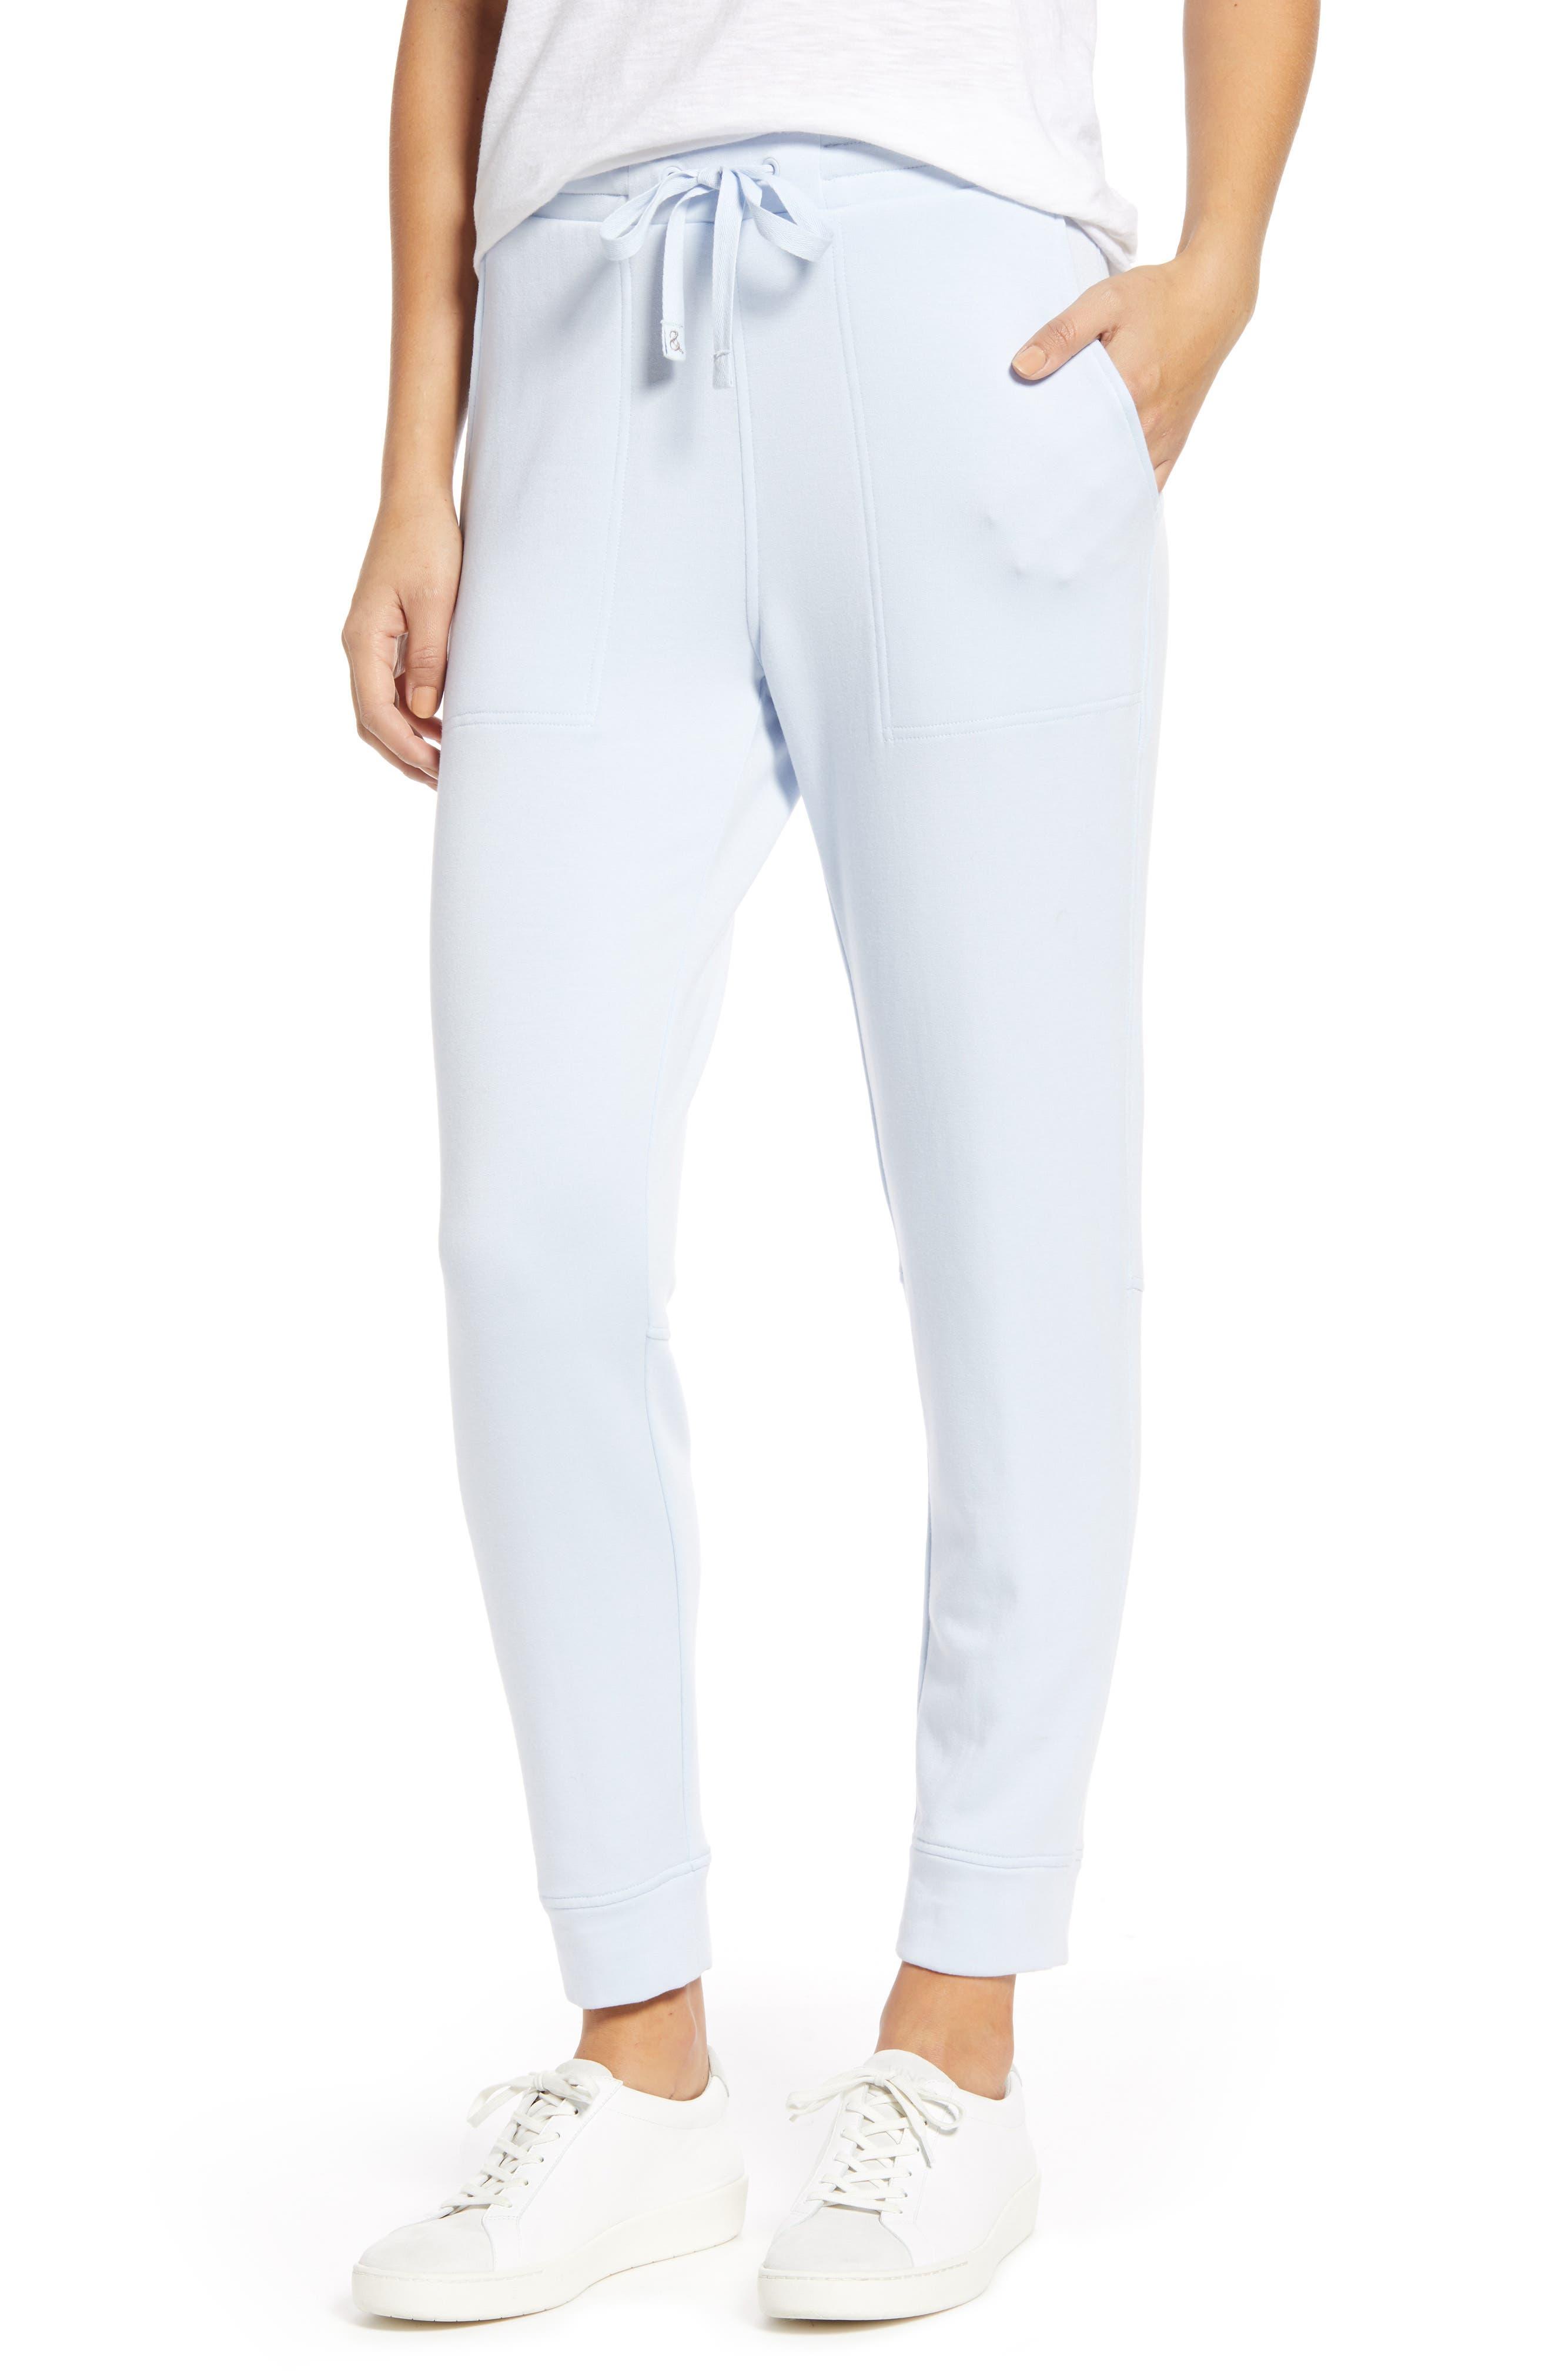 Women's Lou & Grey Signaturesoft Plush Upstate Sweatpants